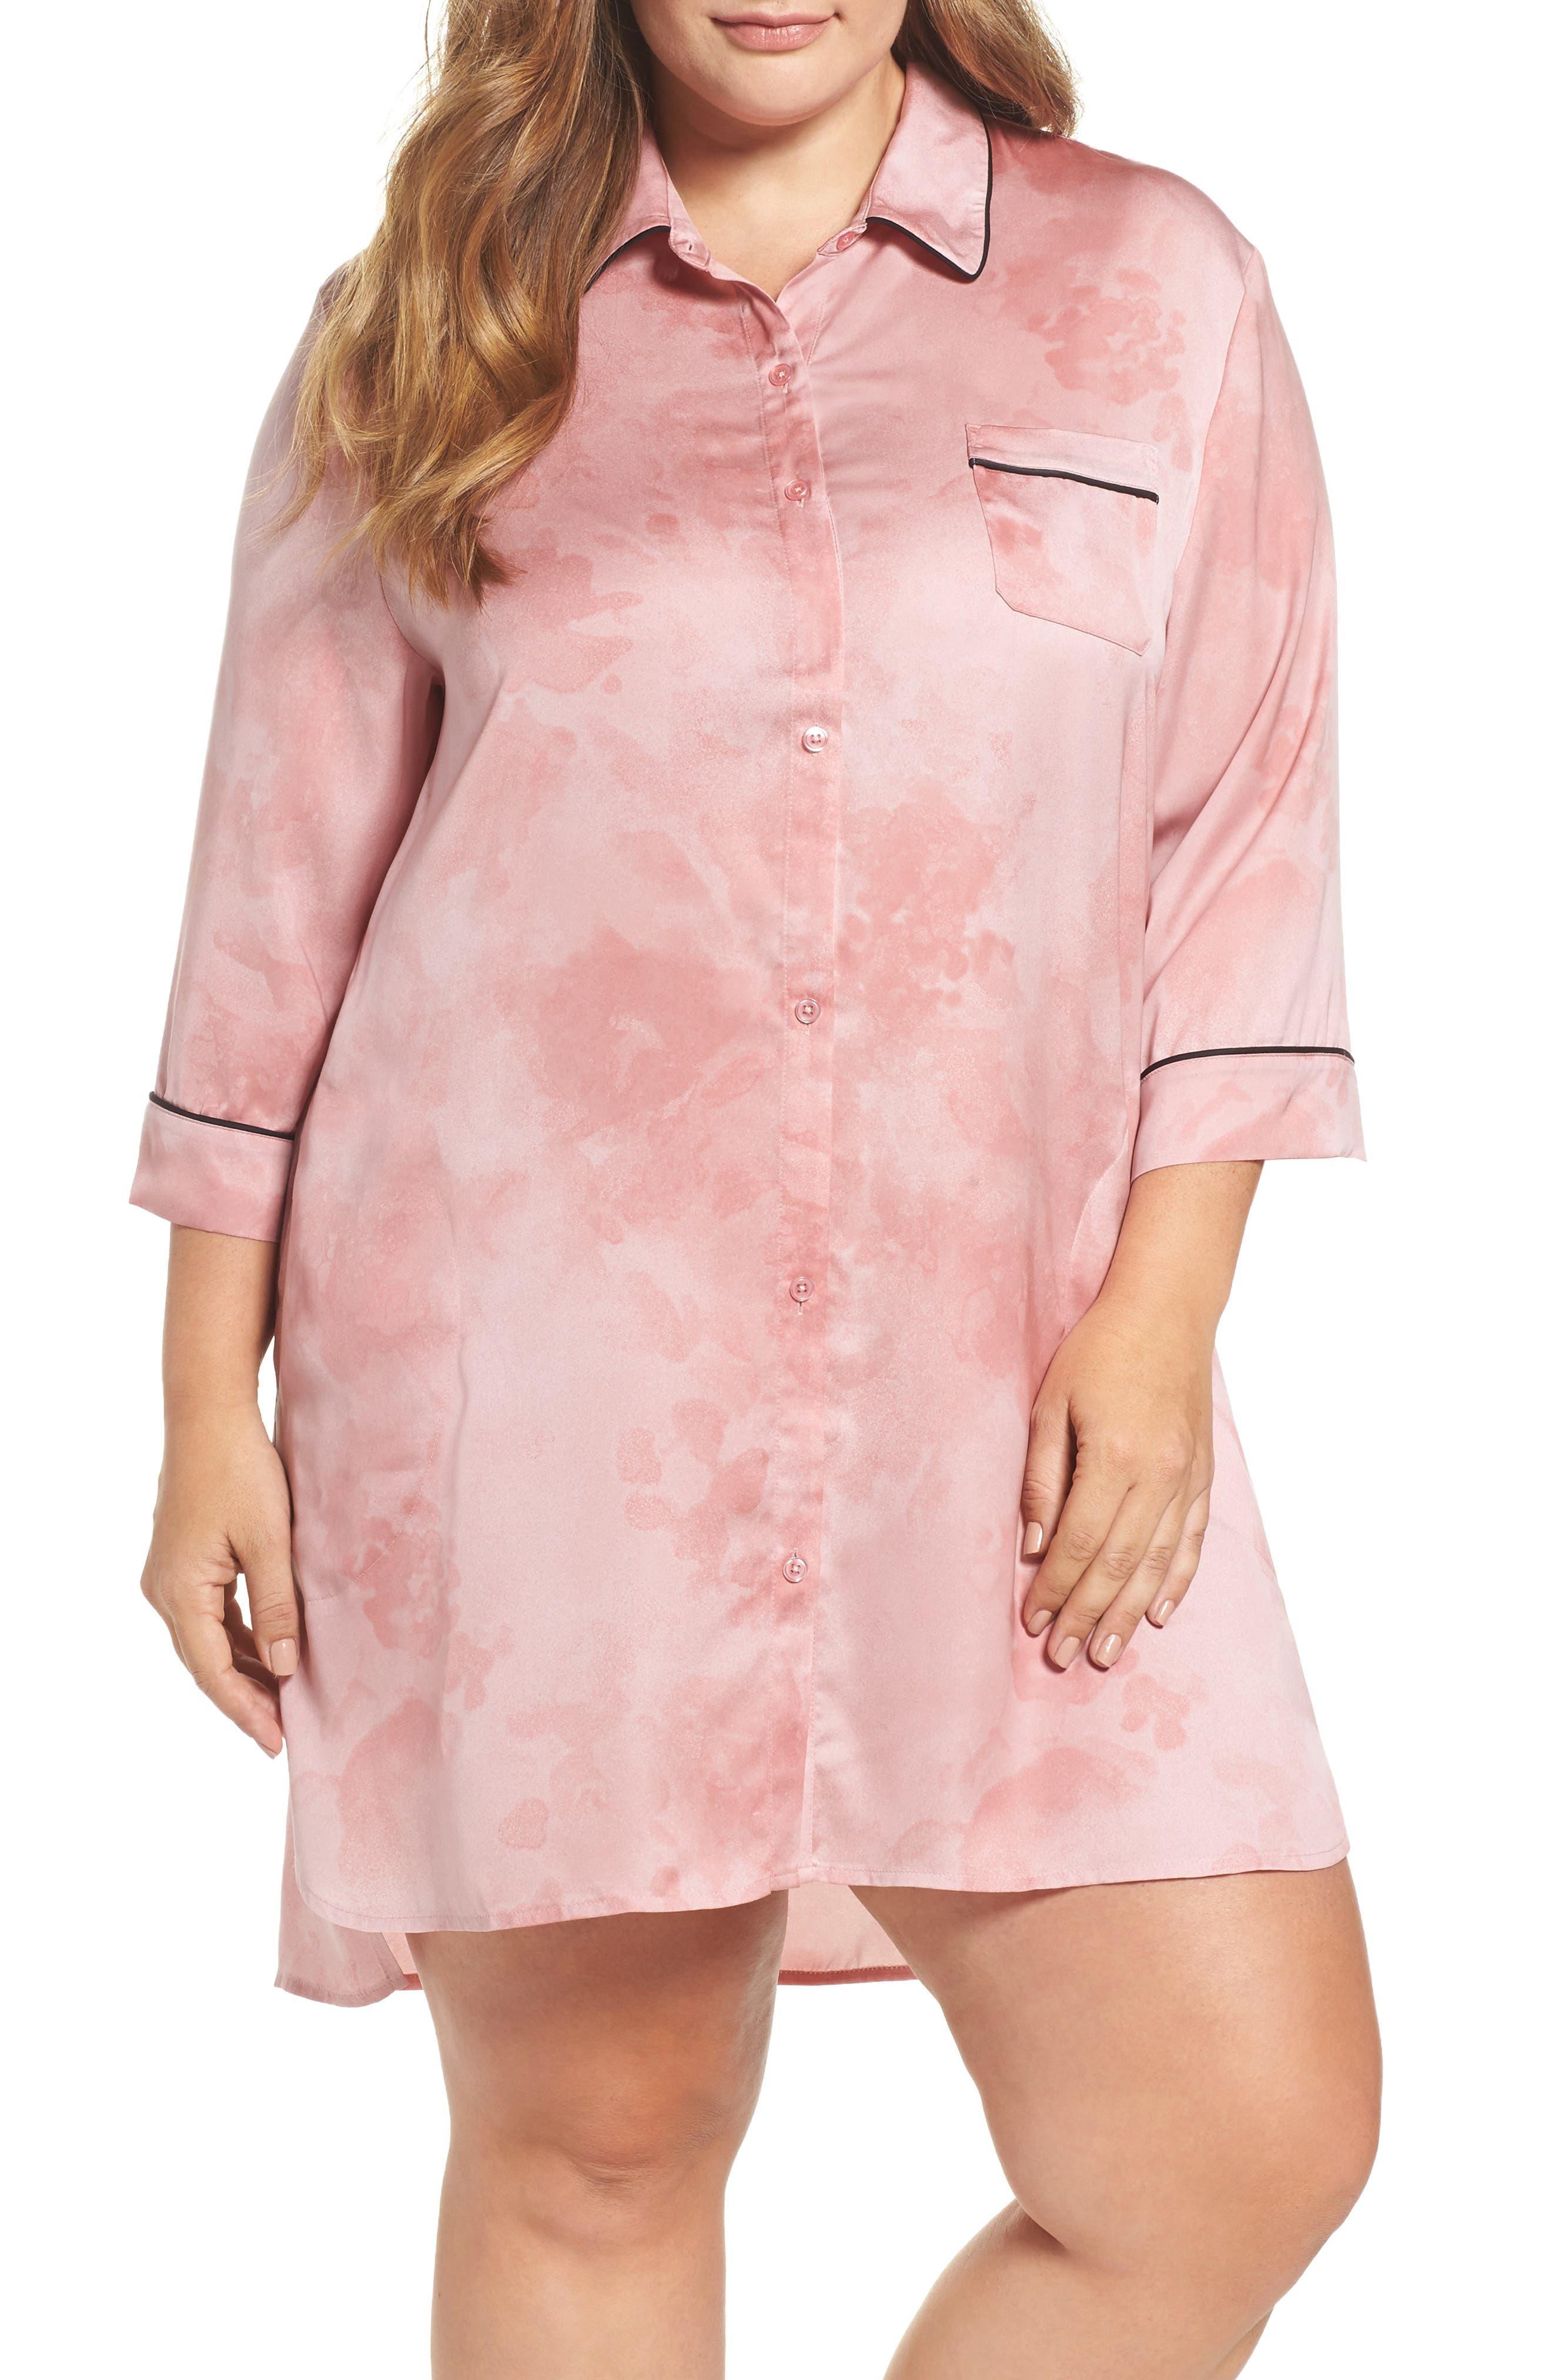 Main Image - DKNY Washed Satin Sleep Shirt (Plus Size)